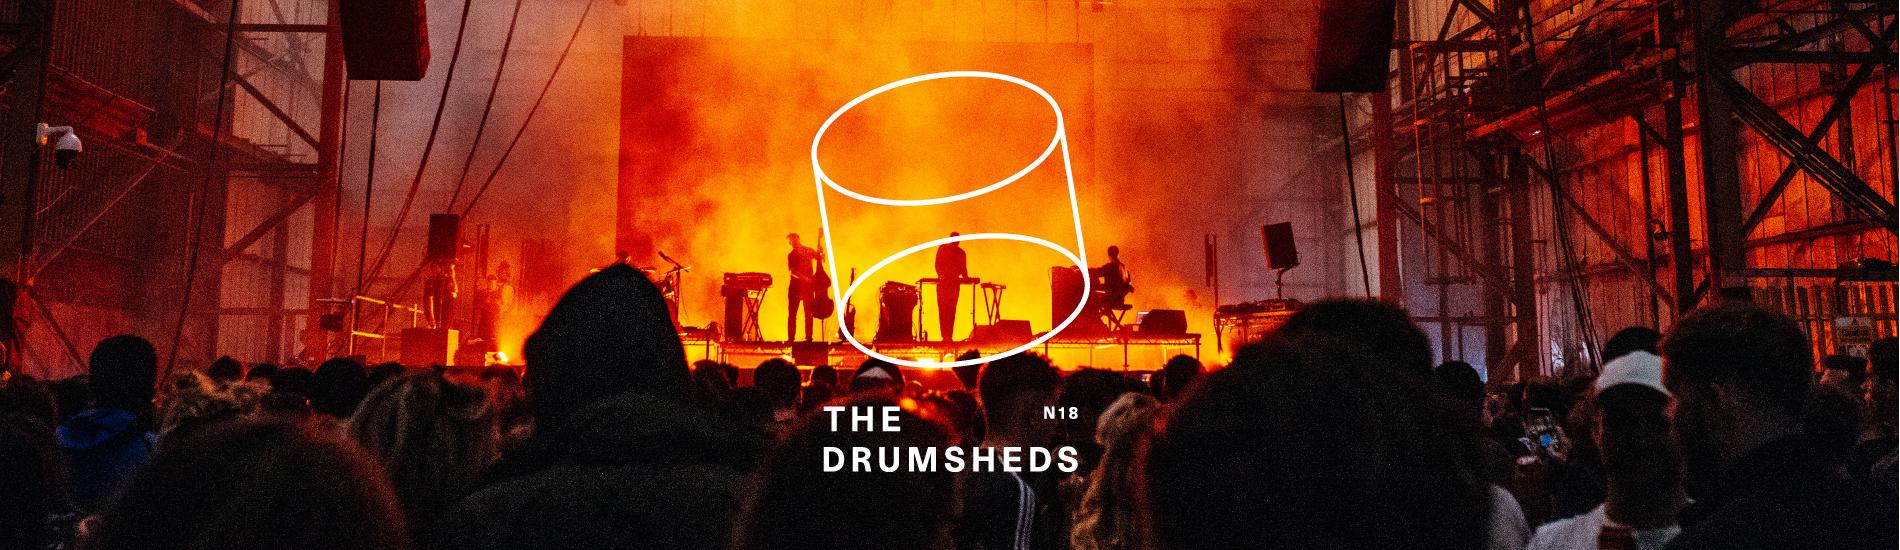 The Drumsheds